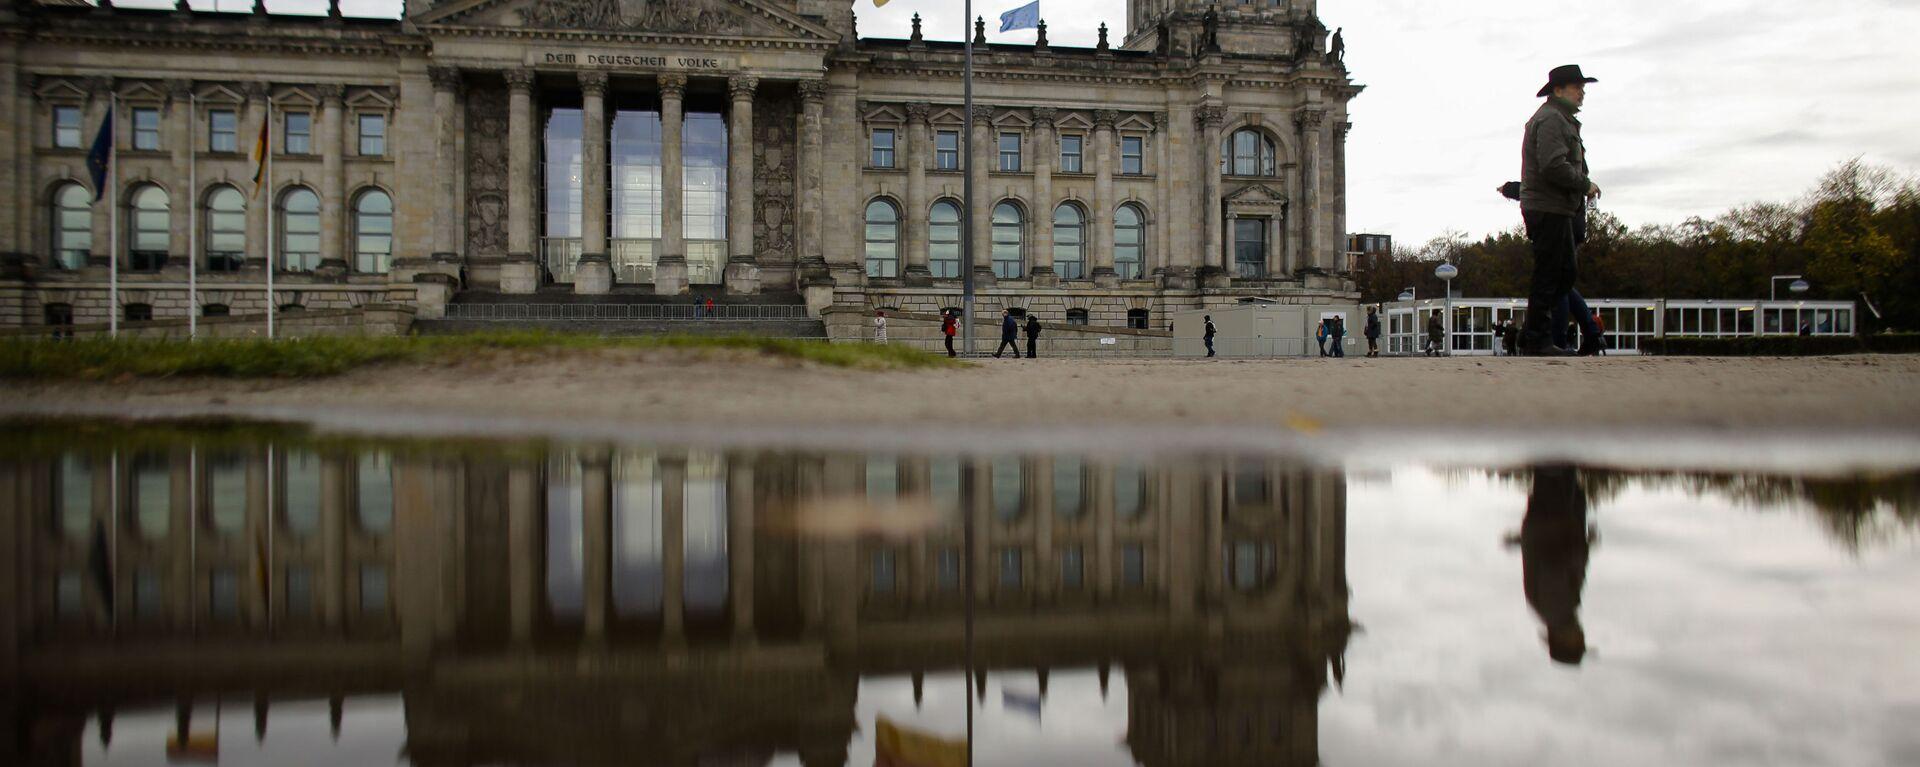 Budynek Reichstagu, w którym odbywają się posiedzenia parlamentu Niemiec - Sputnik Polska, 1920, 08.03.2021